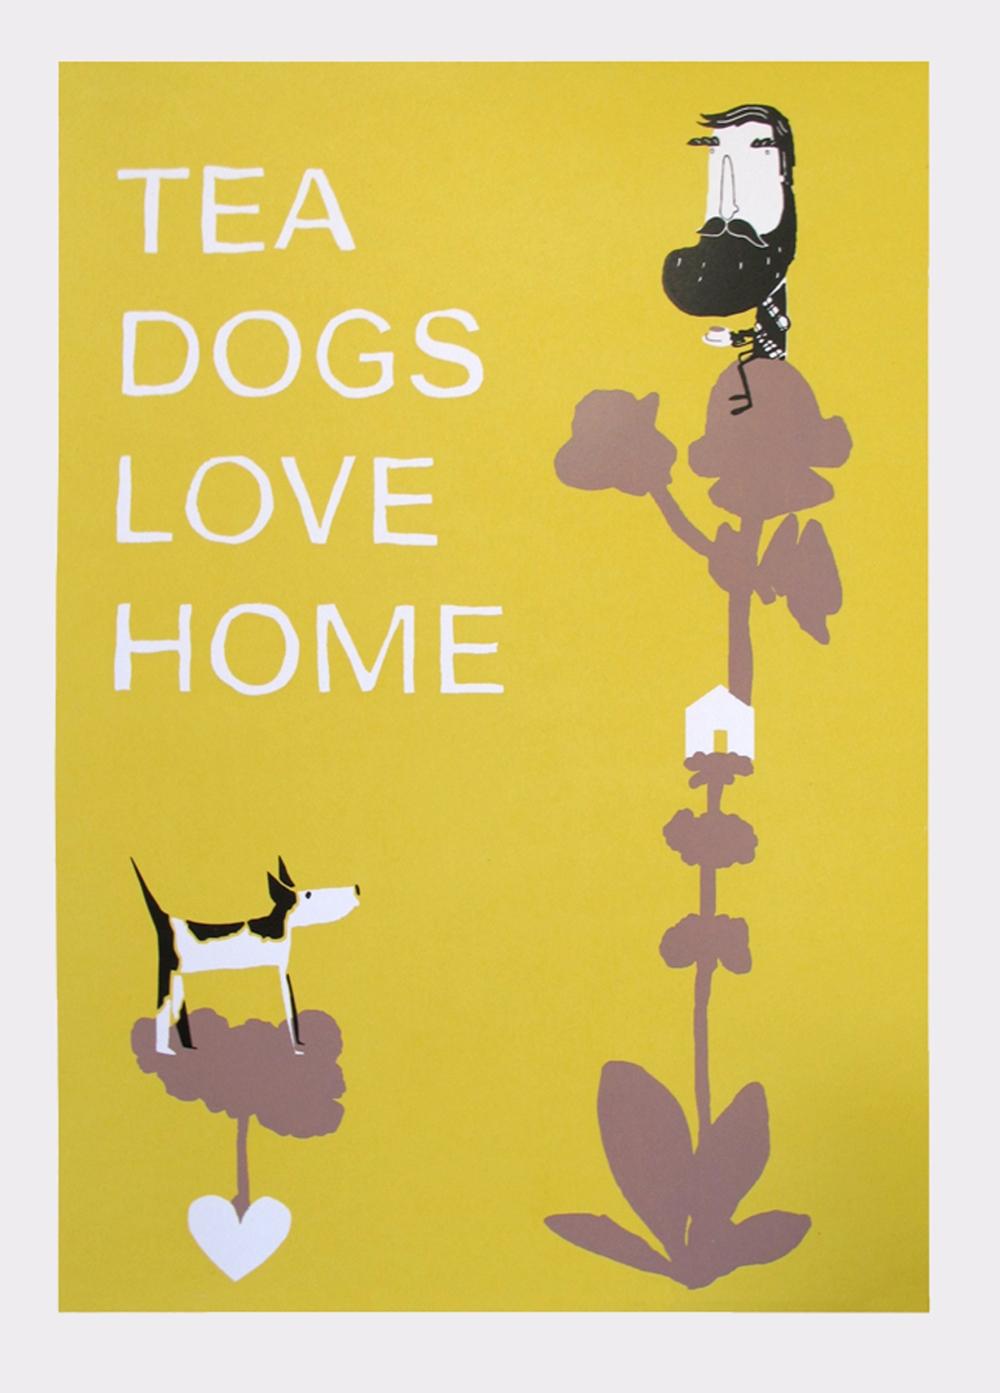 tea-dogs-love-home-by-lauren-van-helmond-36-87-usd-c-artfinder